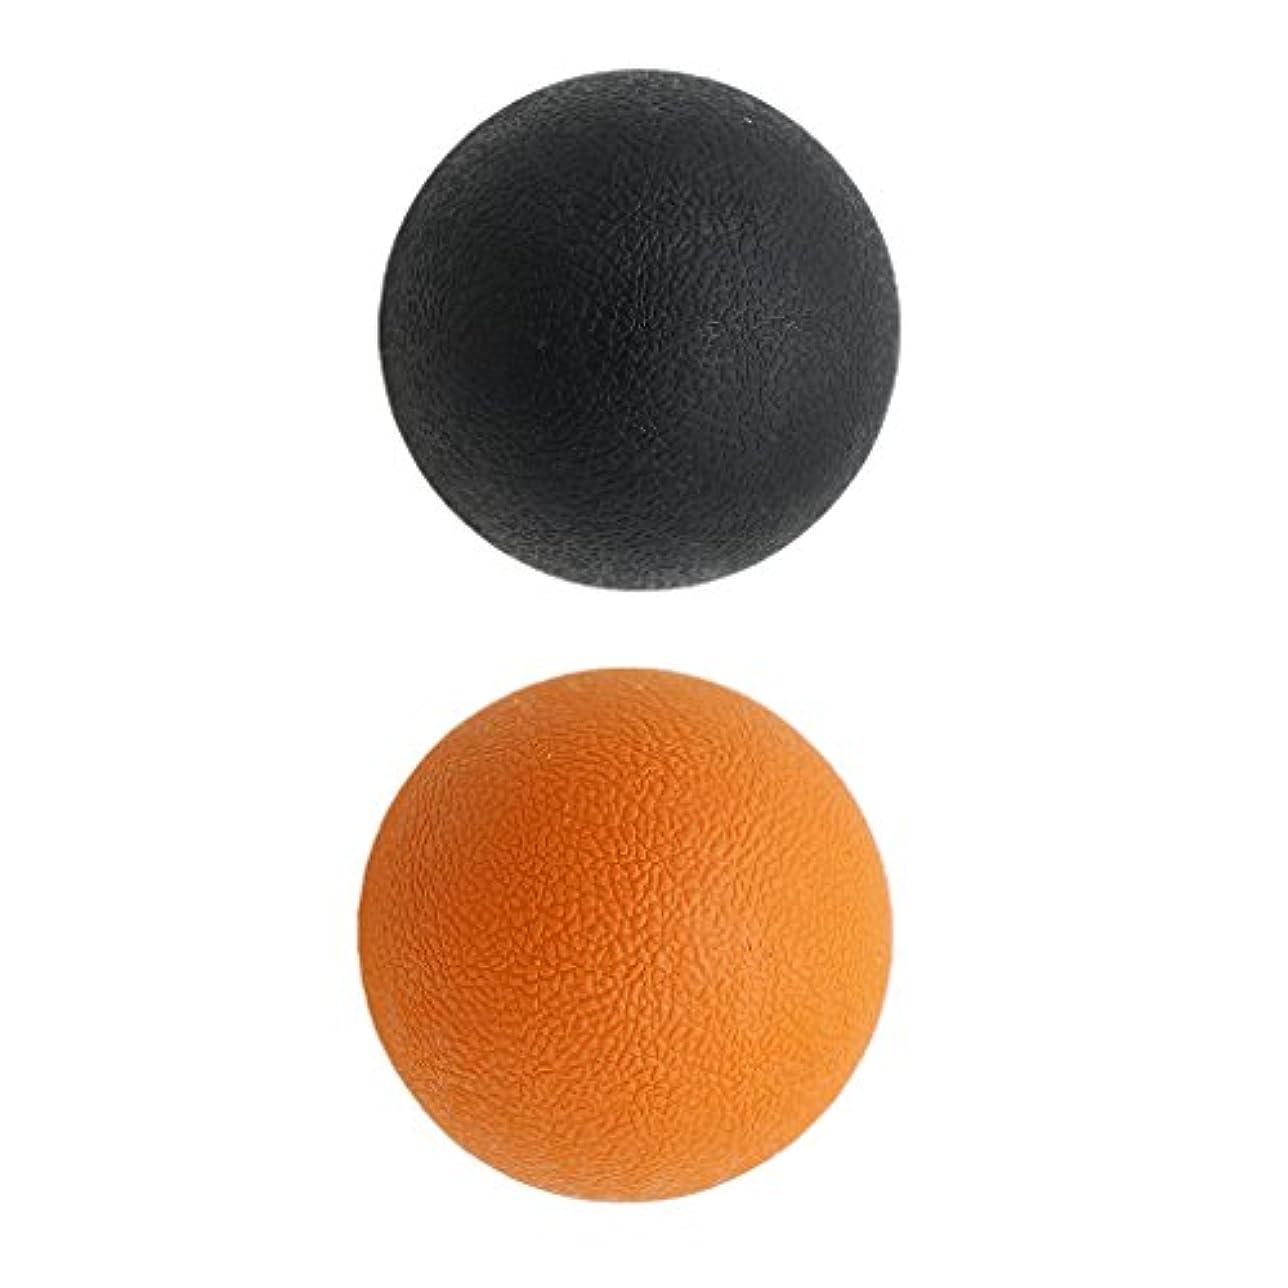 愚かベーカリーメールを書くKesoto 2個 マッサージボール ラクロスボール 背部 トリガ ポイント マッサージ 多色選べる - オレンジブラック